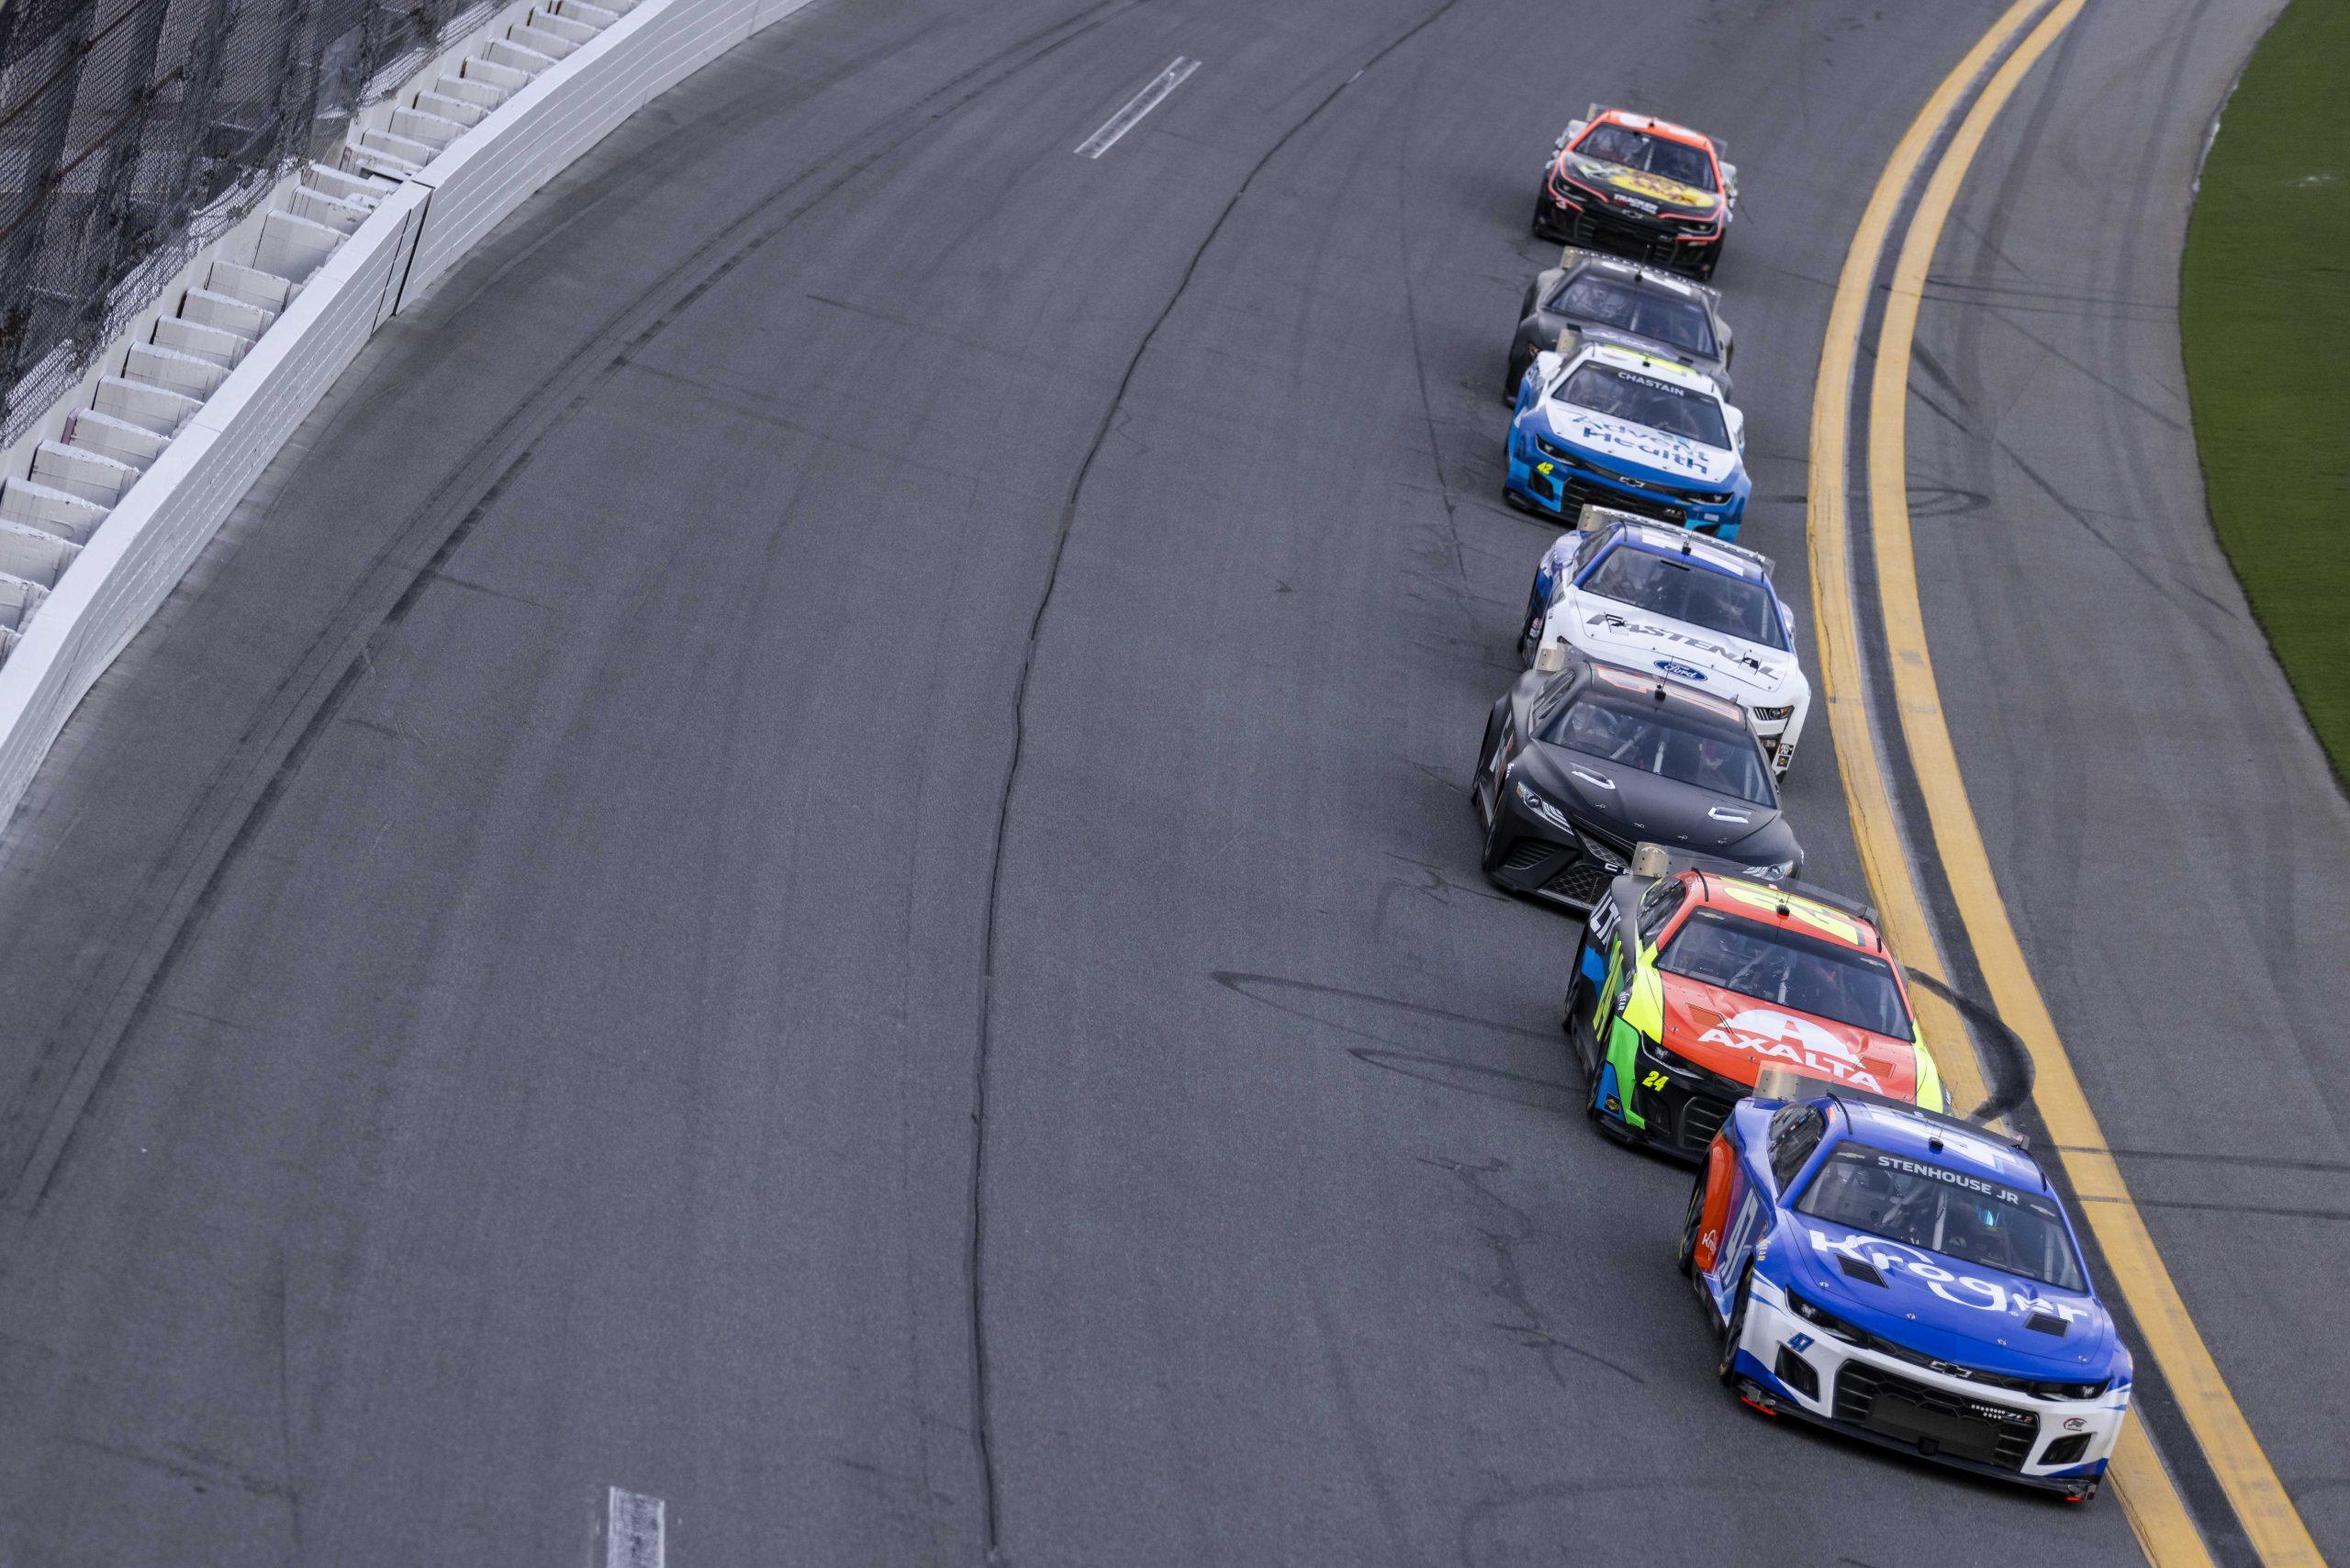 El equipo Hezeberg participará en la Copa NASCAR 2022 para Villeneuve, Hezemans